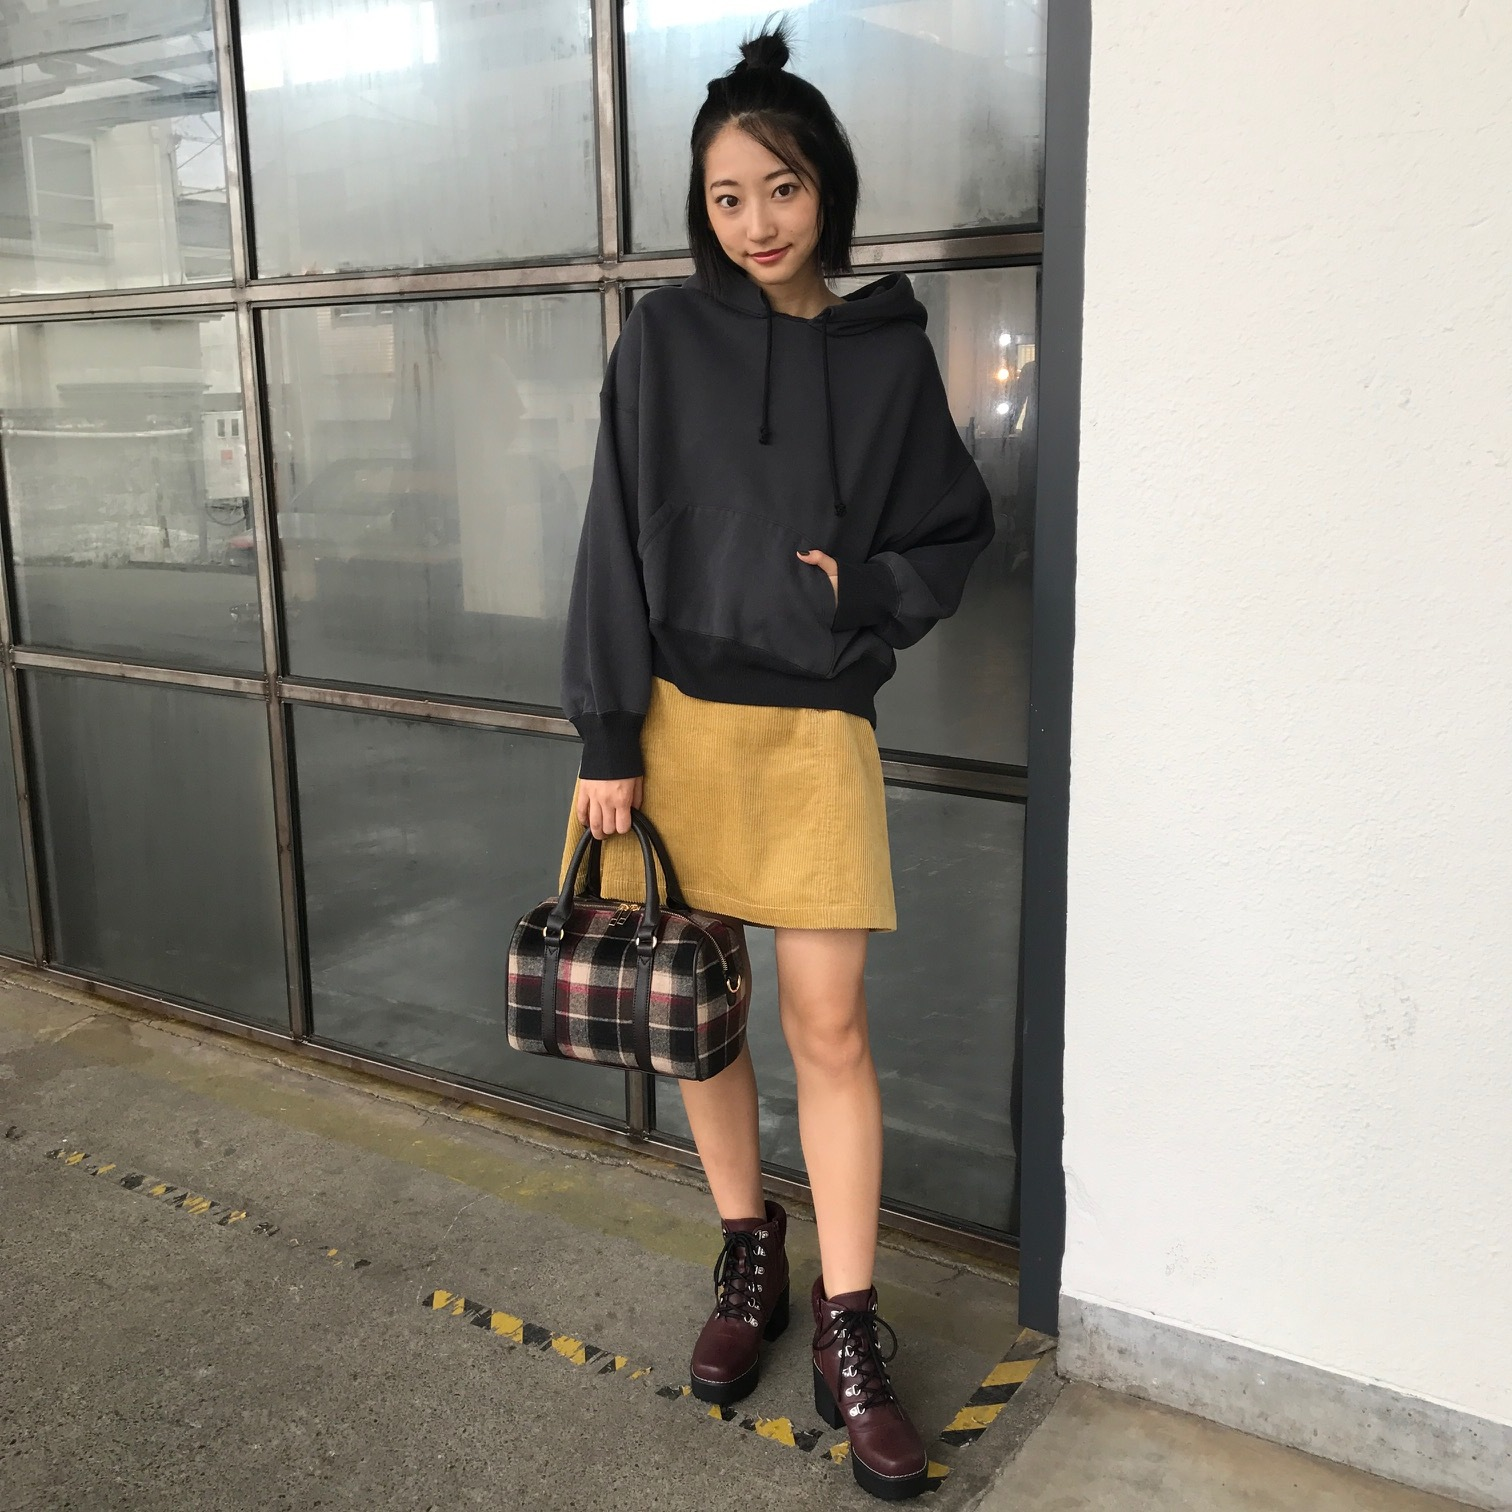 武田玲奈のカジュアル可愛いミニスカコーデ 【毎日コーデ】_1_1